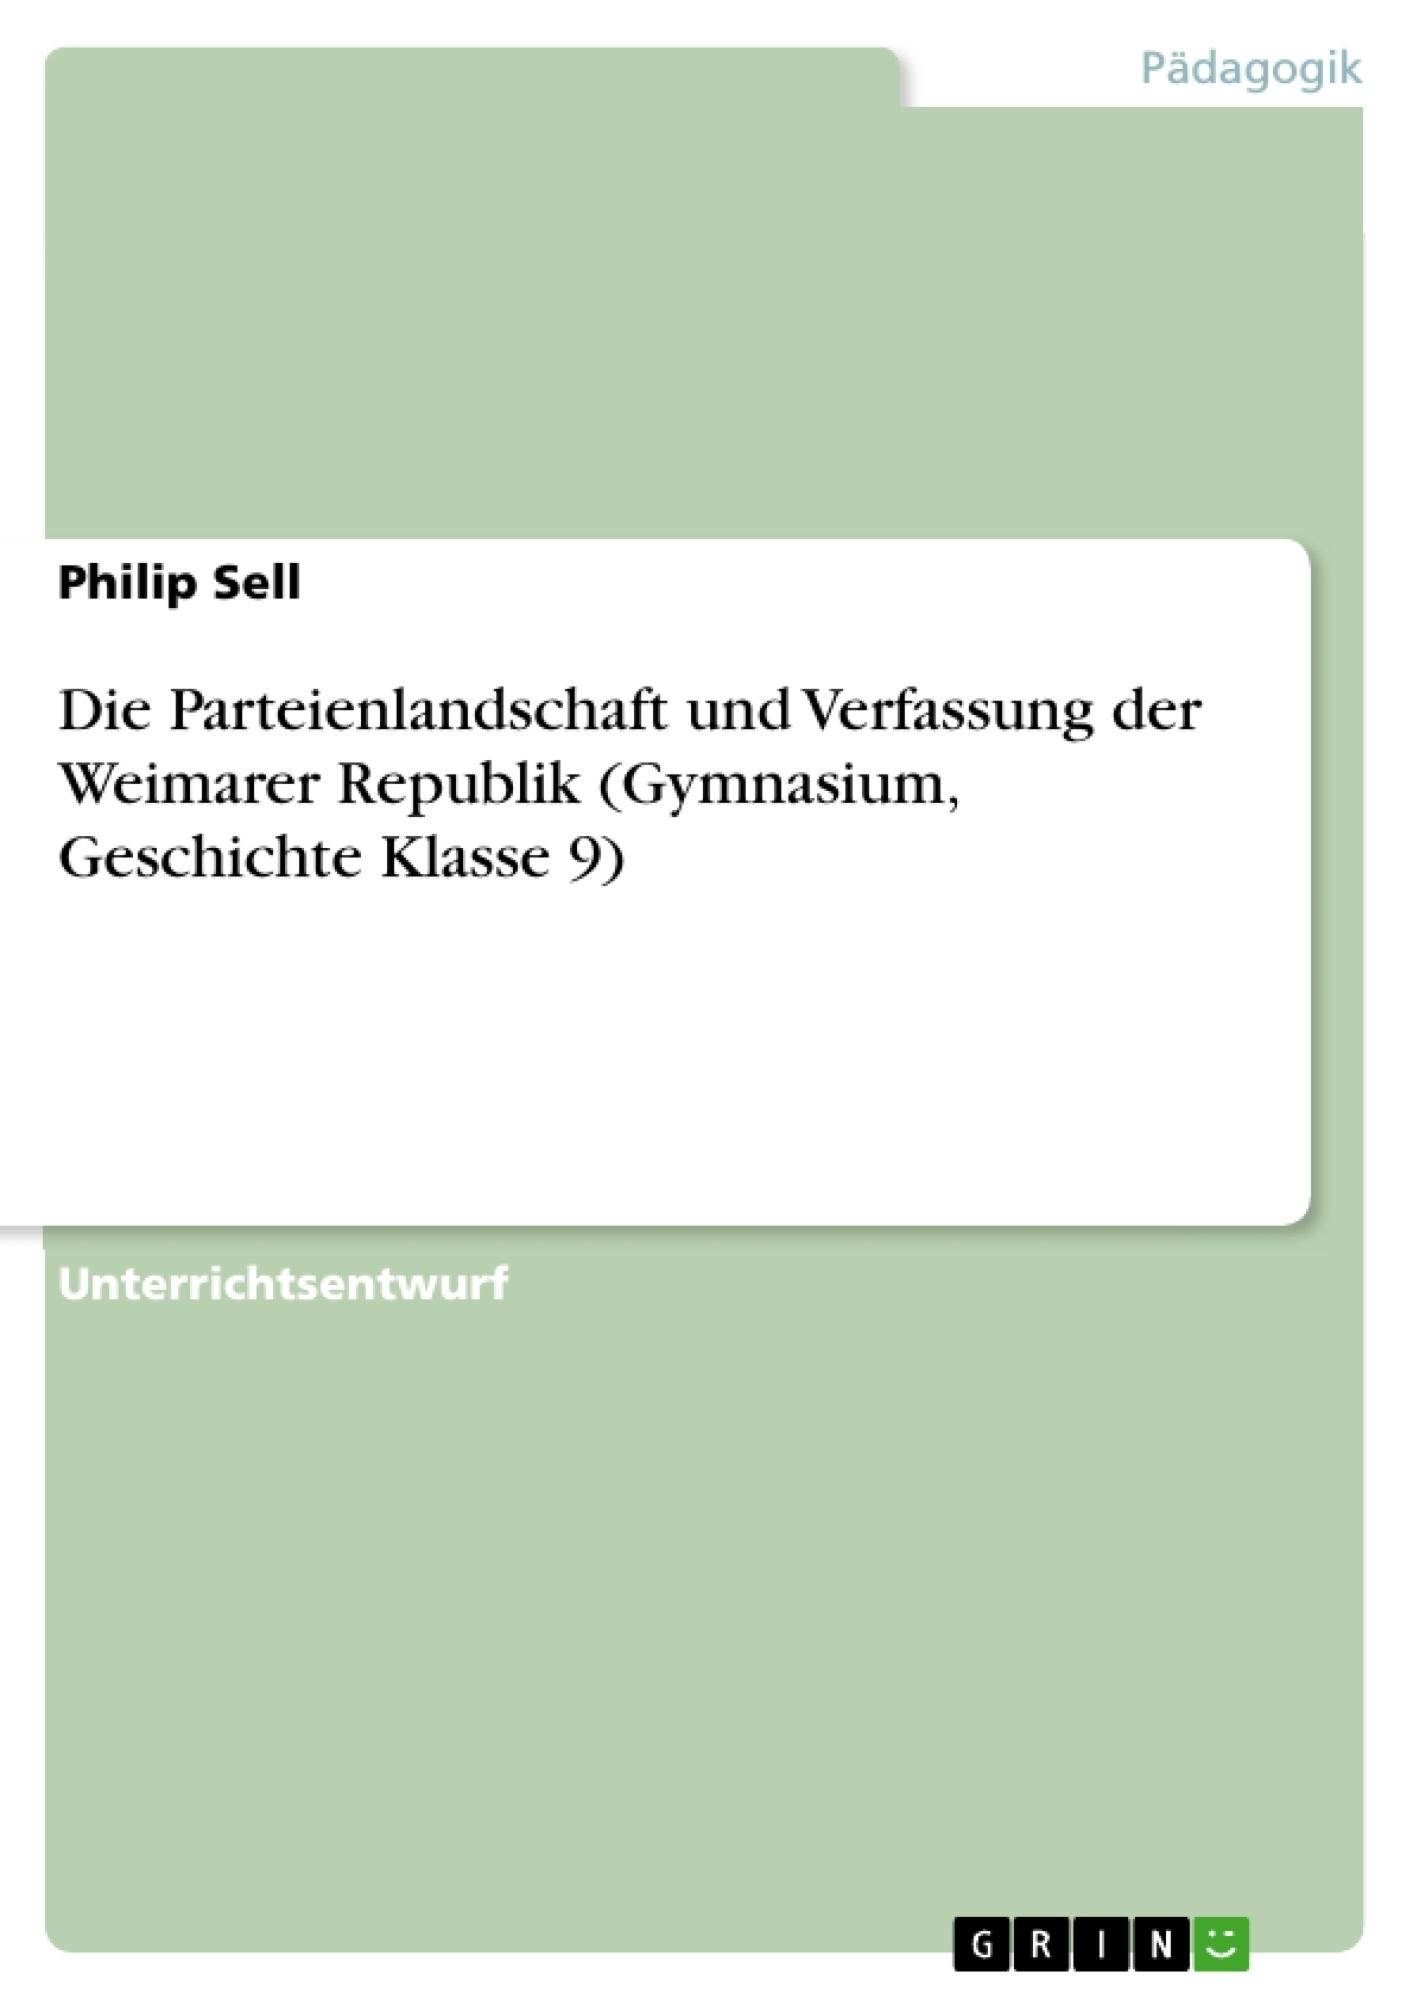 Titel: Die Parteienlandschaft und Verfassung der Weimarer Republik (Gymnasium, Geschichte Klasse 9)